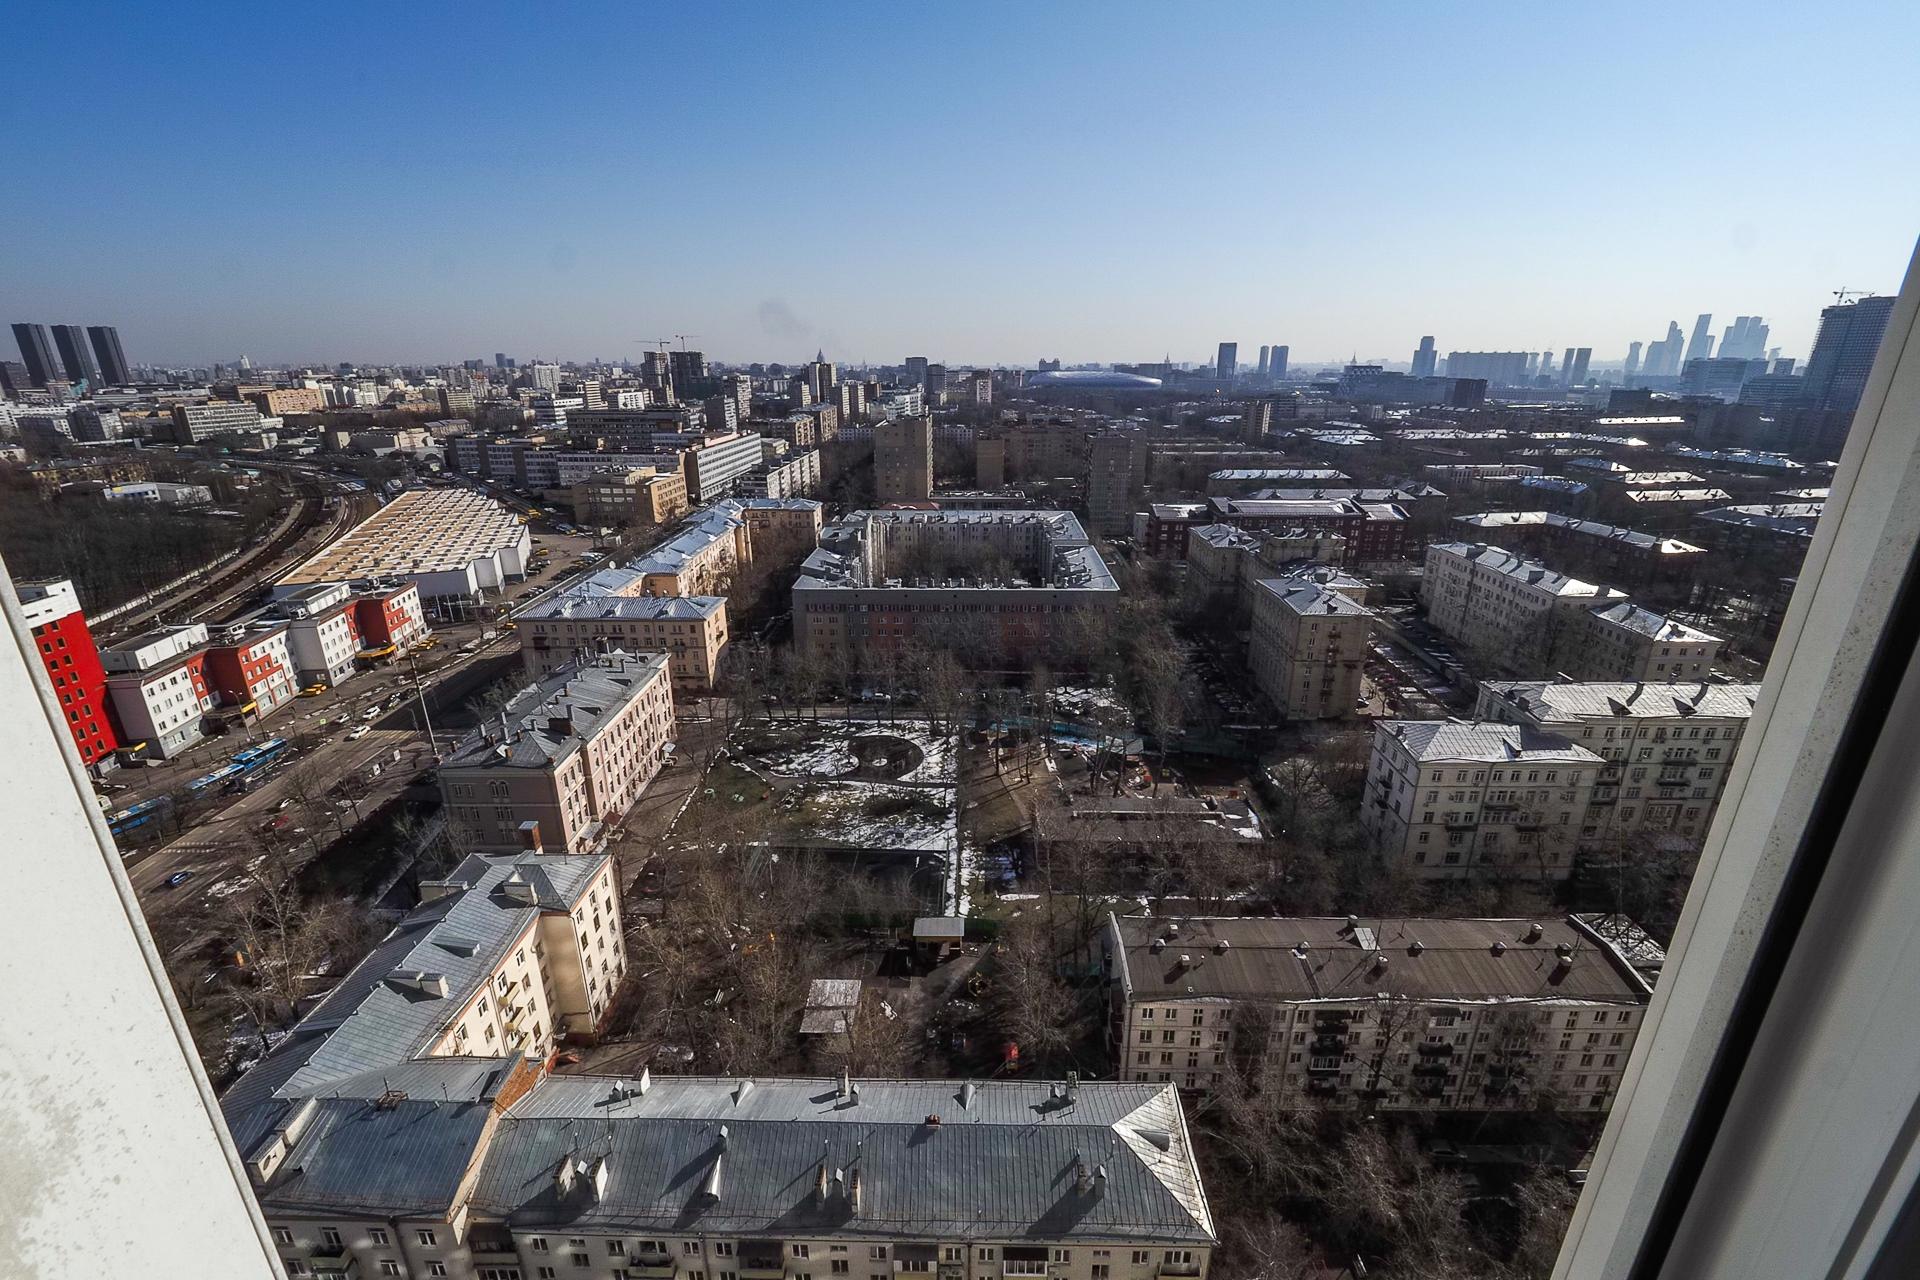 видовая квартира 22 этаж 100 Кв м 30